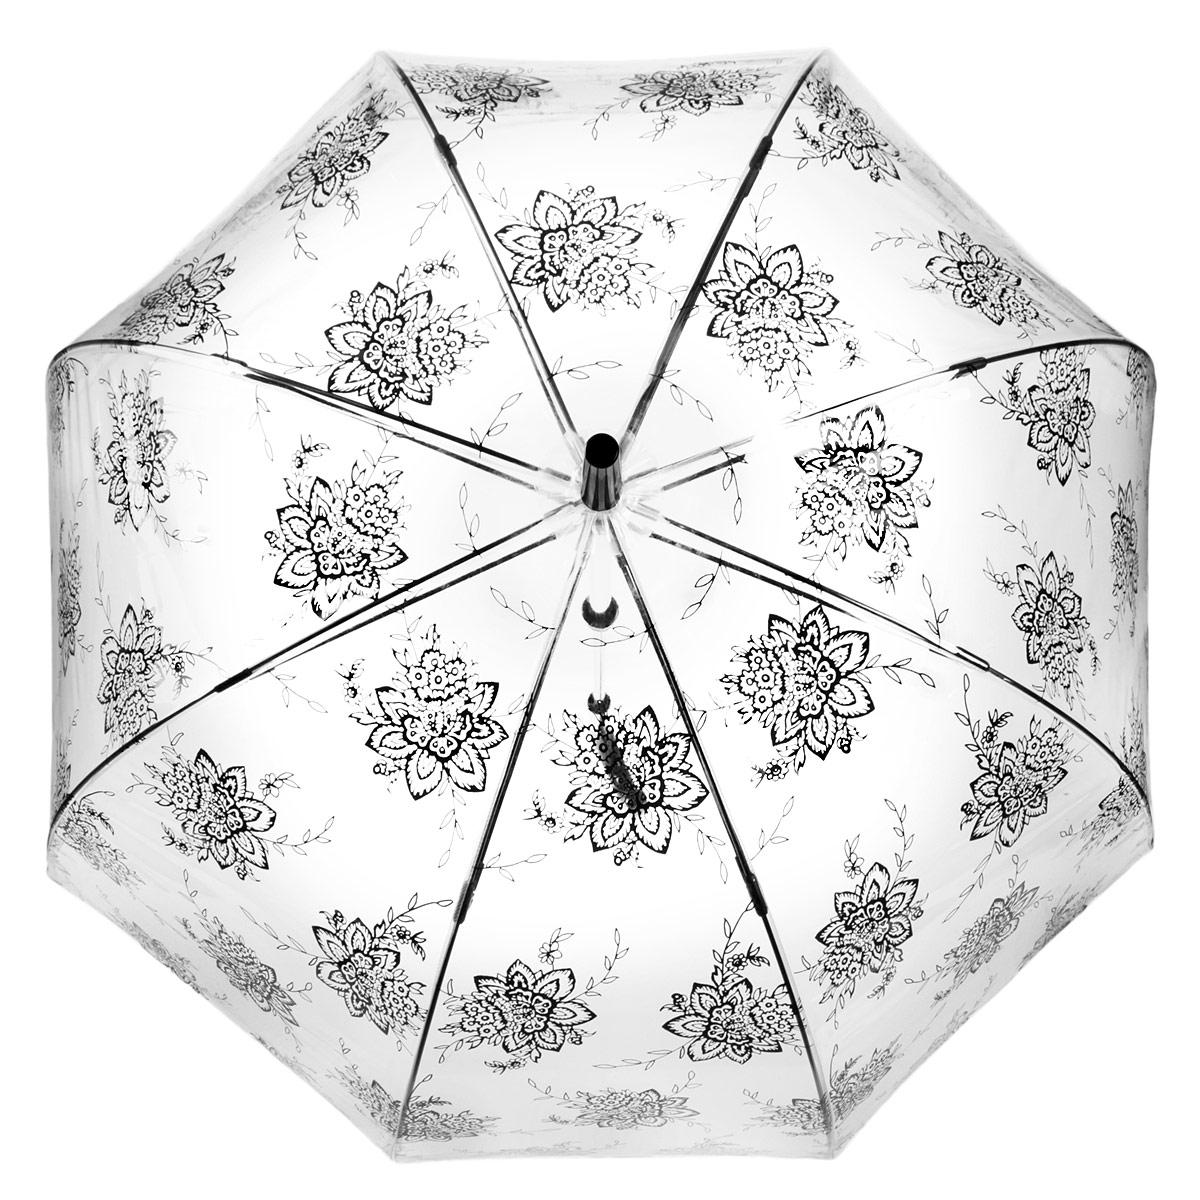 Зонт-трость женский Fulton Birdcage-2. Flora, механический, цвет: прозрачный, черный. L042-283845100032/35449/3537AМодный механический зонт-трость Birdcage-2. Birdcage. Flora. Каркас зонта состоит из 8 спиц фибергласса и пластикового стержня. Купол зонта выполнен из прочного ПВХ и оформлен цветочным узором. Изделие оснащено удобной рукояткой из пластика.Зонт механического сложения: купол открывается и закрывается вручную до характерного щелчка.Модель закрывается при помощи одного ремня с кнопкой. Зонт-трость даже в ненастную погоду позволит вам оставаться стильной и элегантной. Такой зонт не только надежно защитит вас от дождя, но и станет стильным аксессуаром, который идеально подчеркнет ваш неповторимый образ.